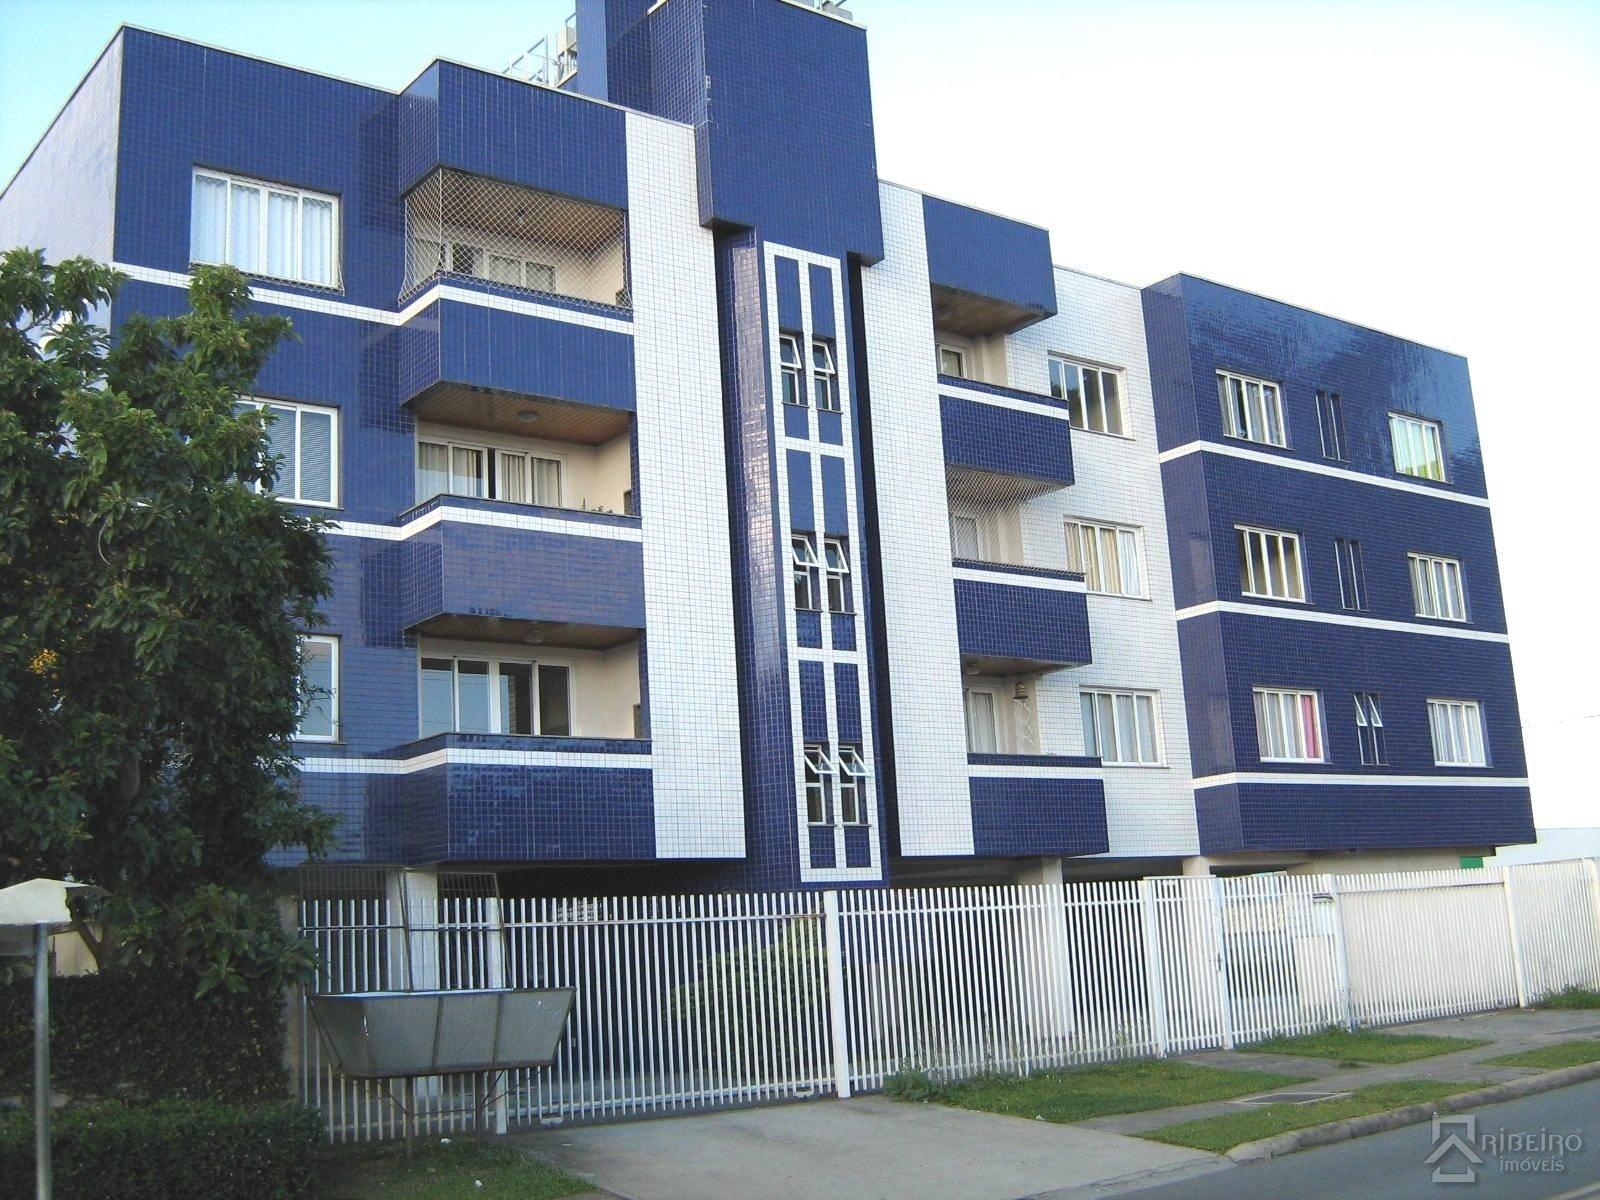 REF. 1489 -  São José Dos Pinhais - Rua Mandirituba, 1011 - Apto 11